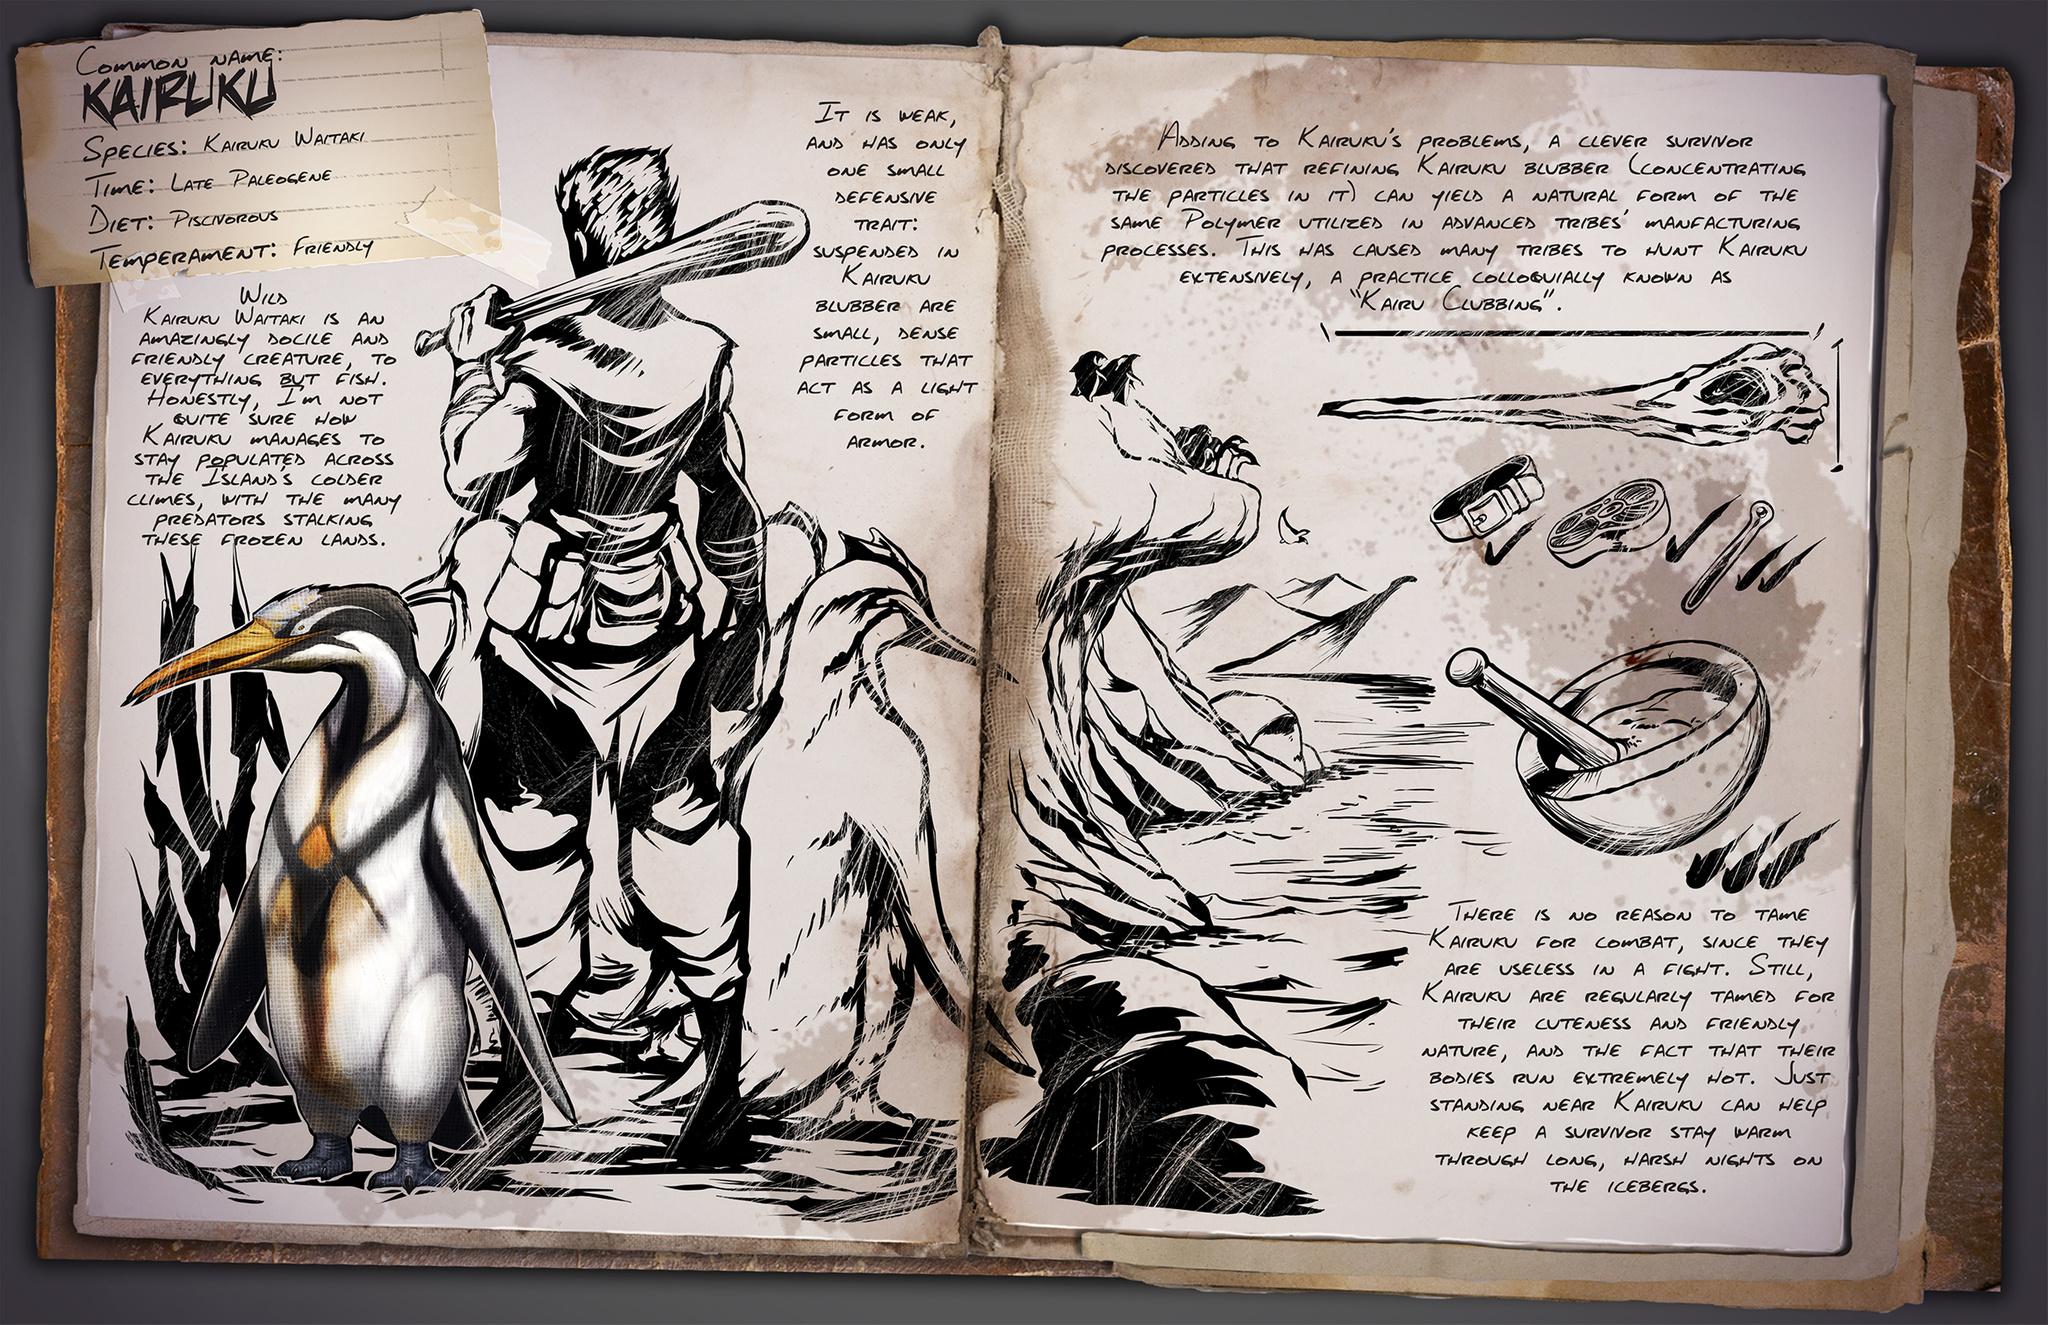 Dino Dossier: Kairuku